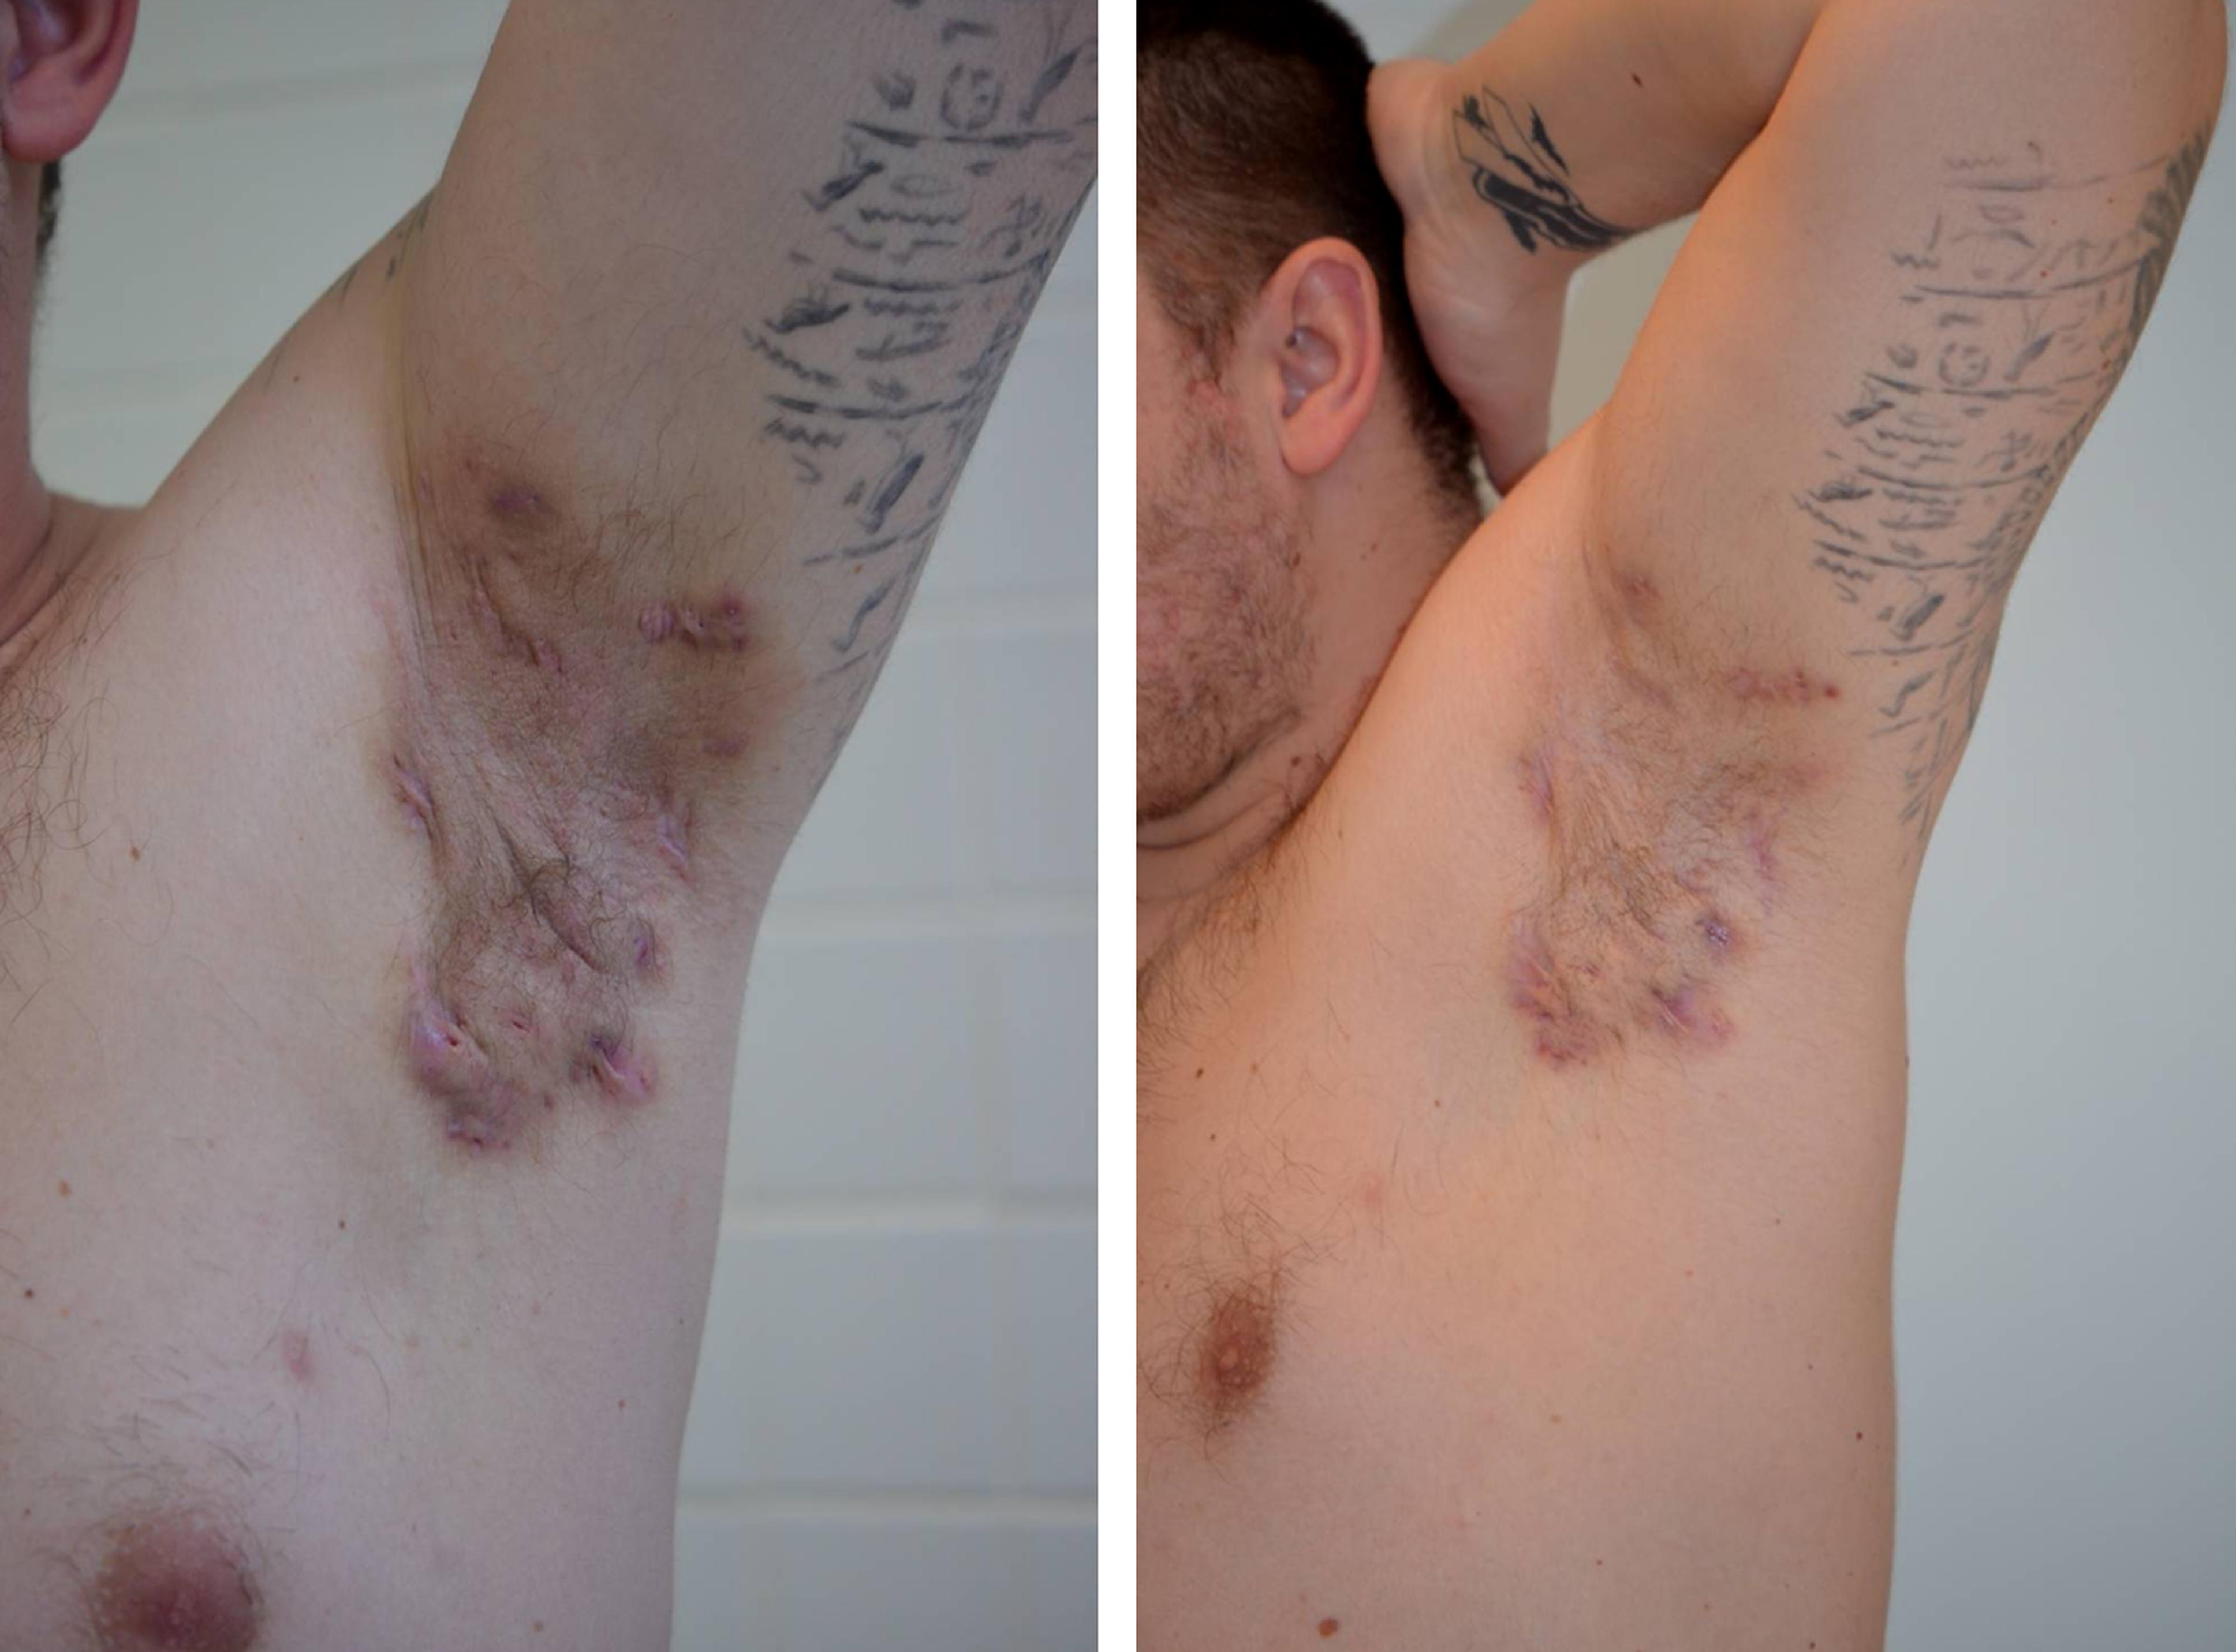 Axilární hidradenitis suppurativa – před a po 3 měsících terapie adalimumabem